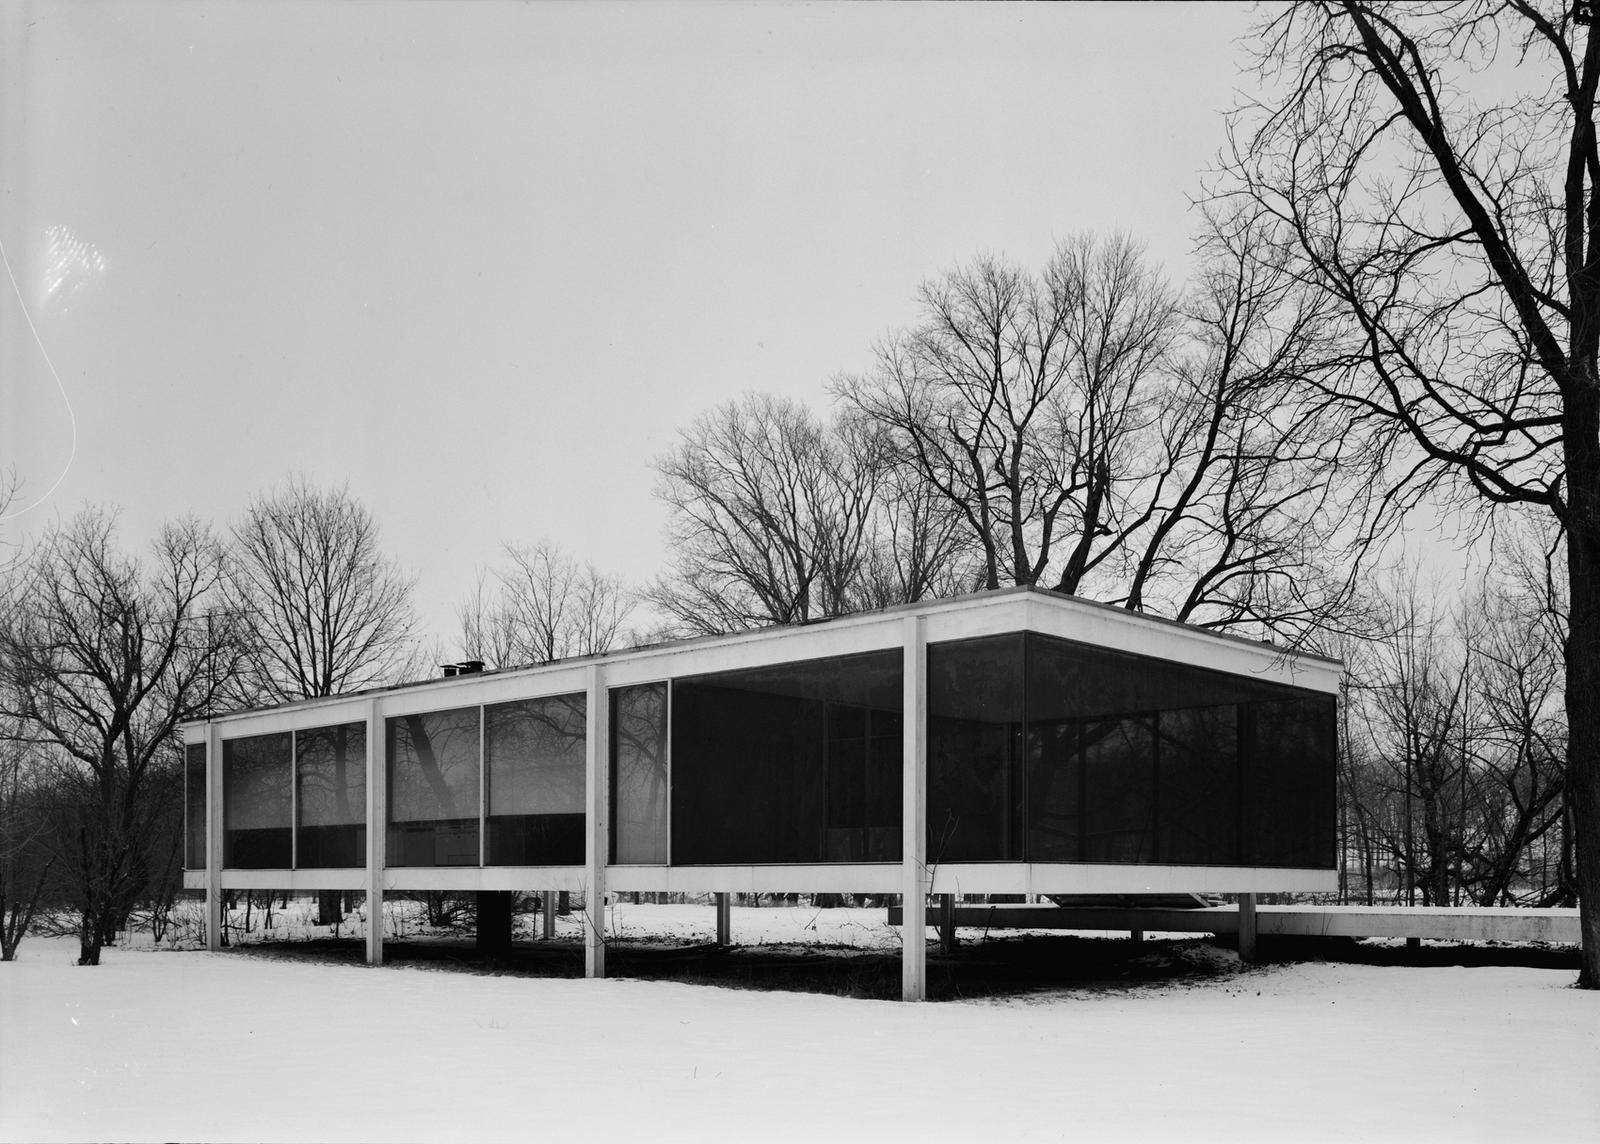 Cavica proyectos de arquitectura casa farnsworth - Casa farnsworth ...